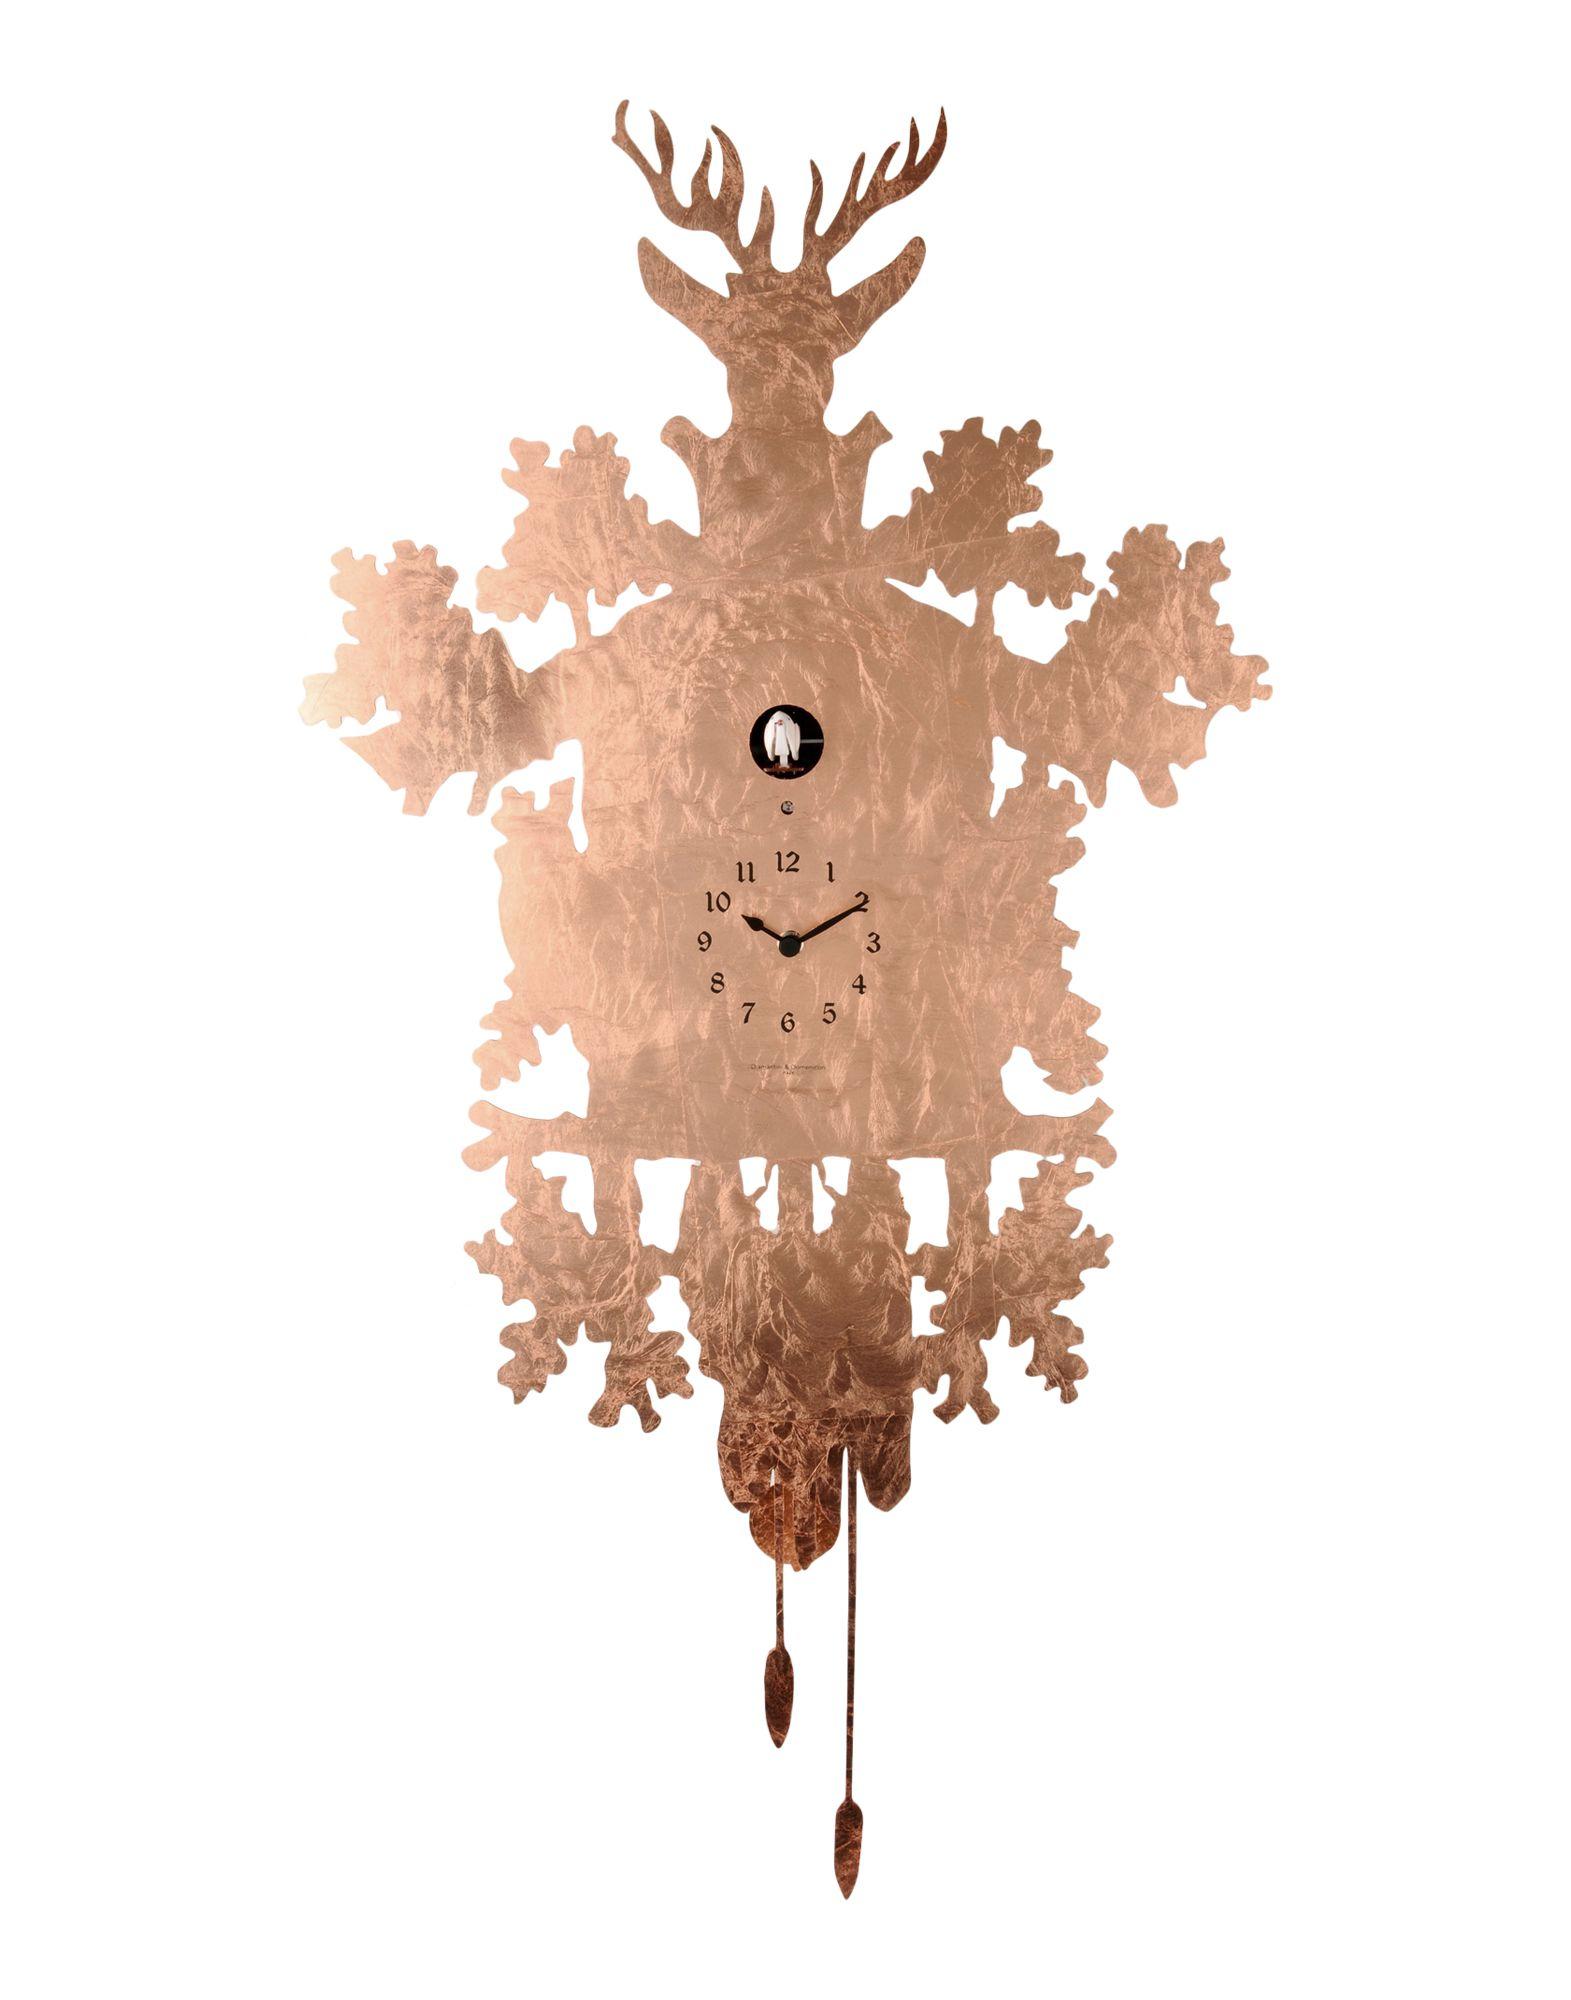 diamantini&domeniconi стеклянные настенные интерьерные часы 51 red DIAMANTINI & DOMENICONI Настенные часы